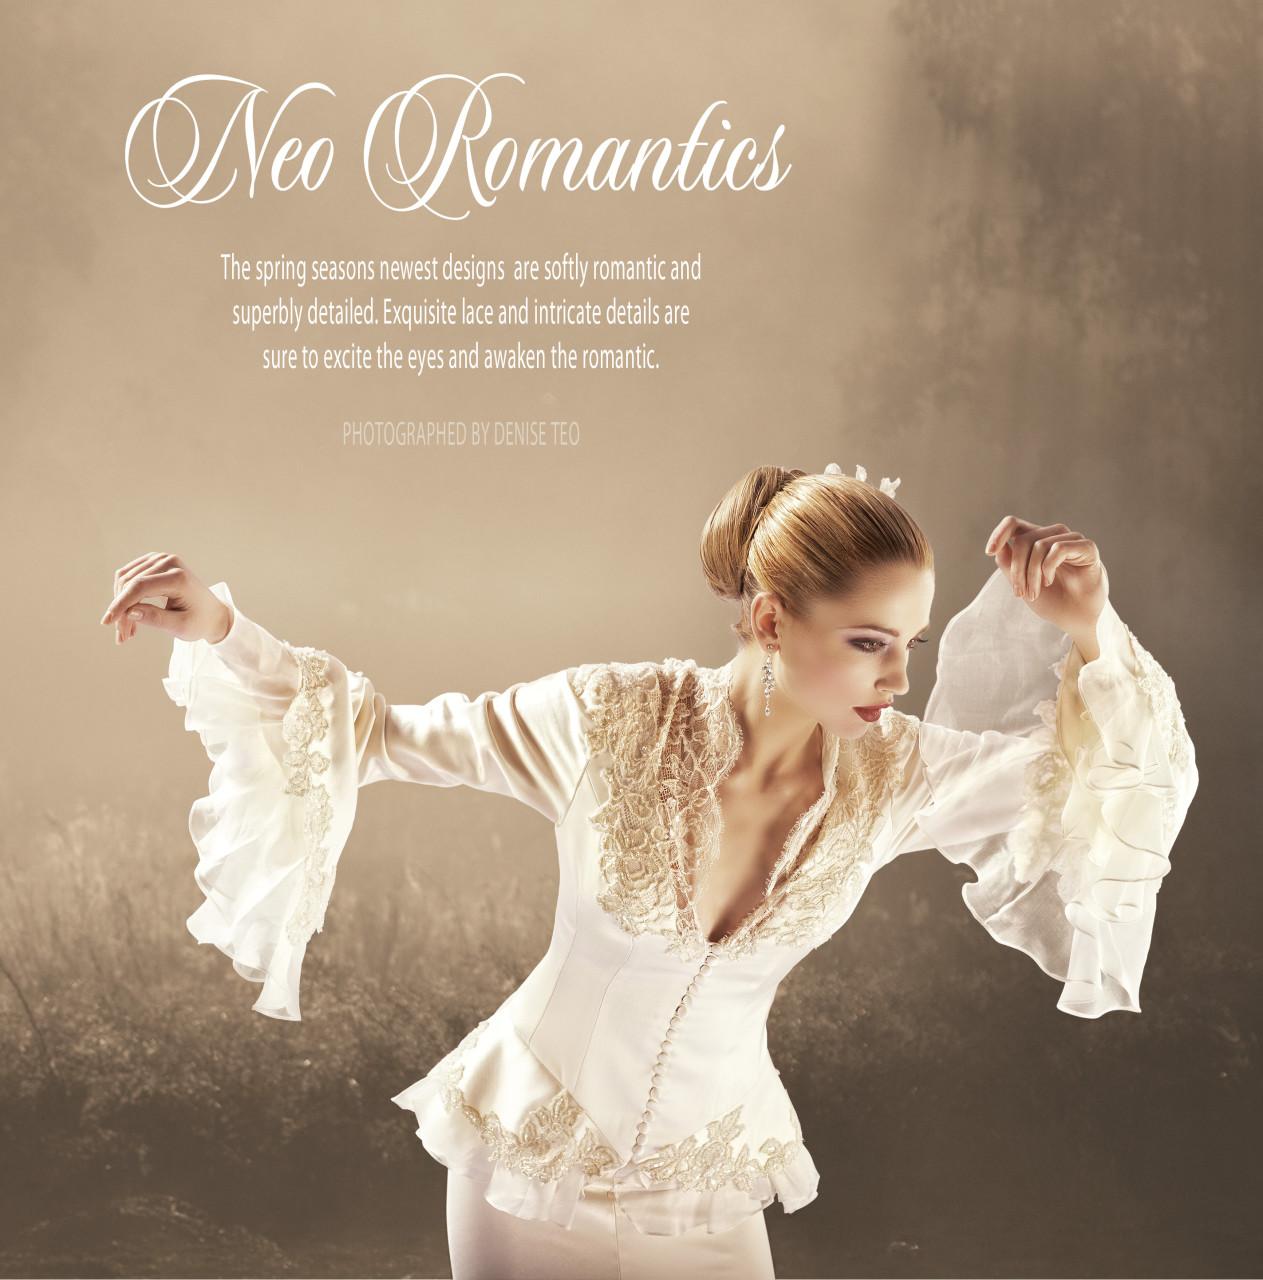 Neo Romantics